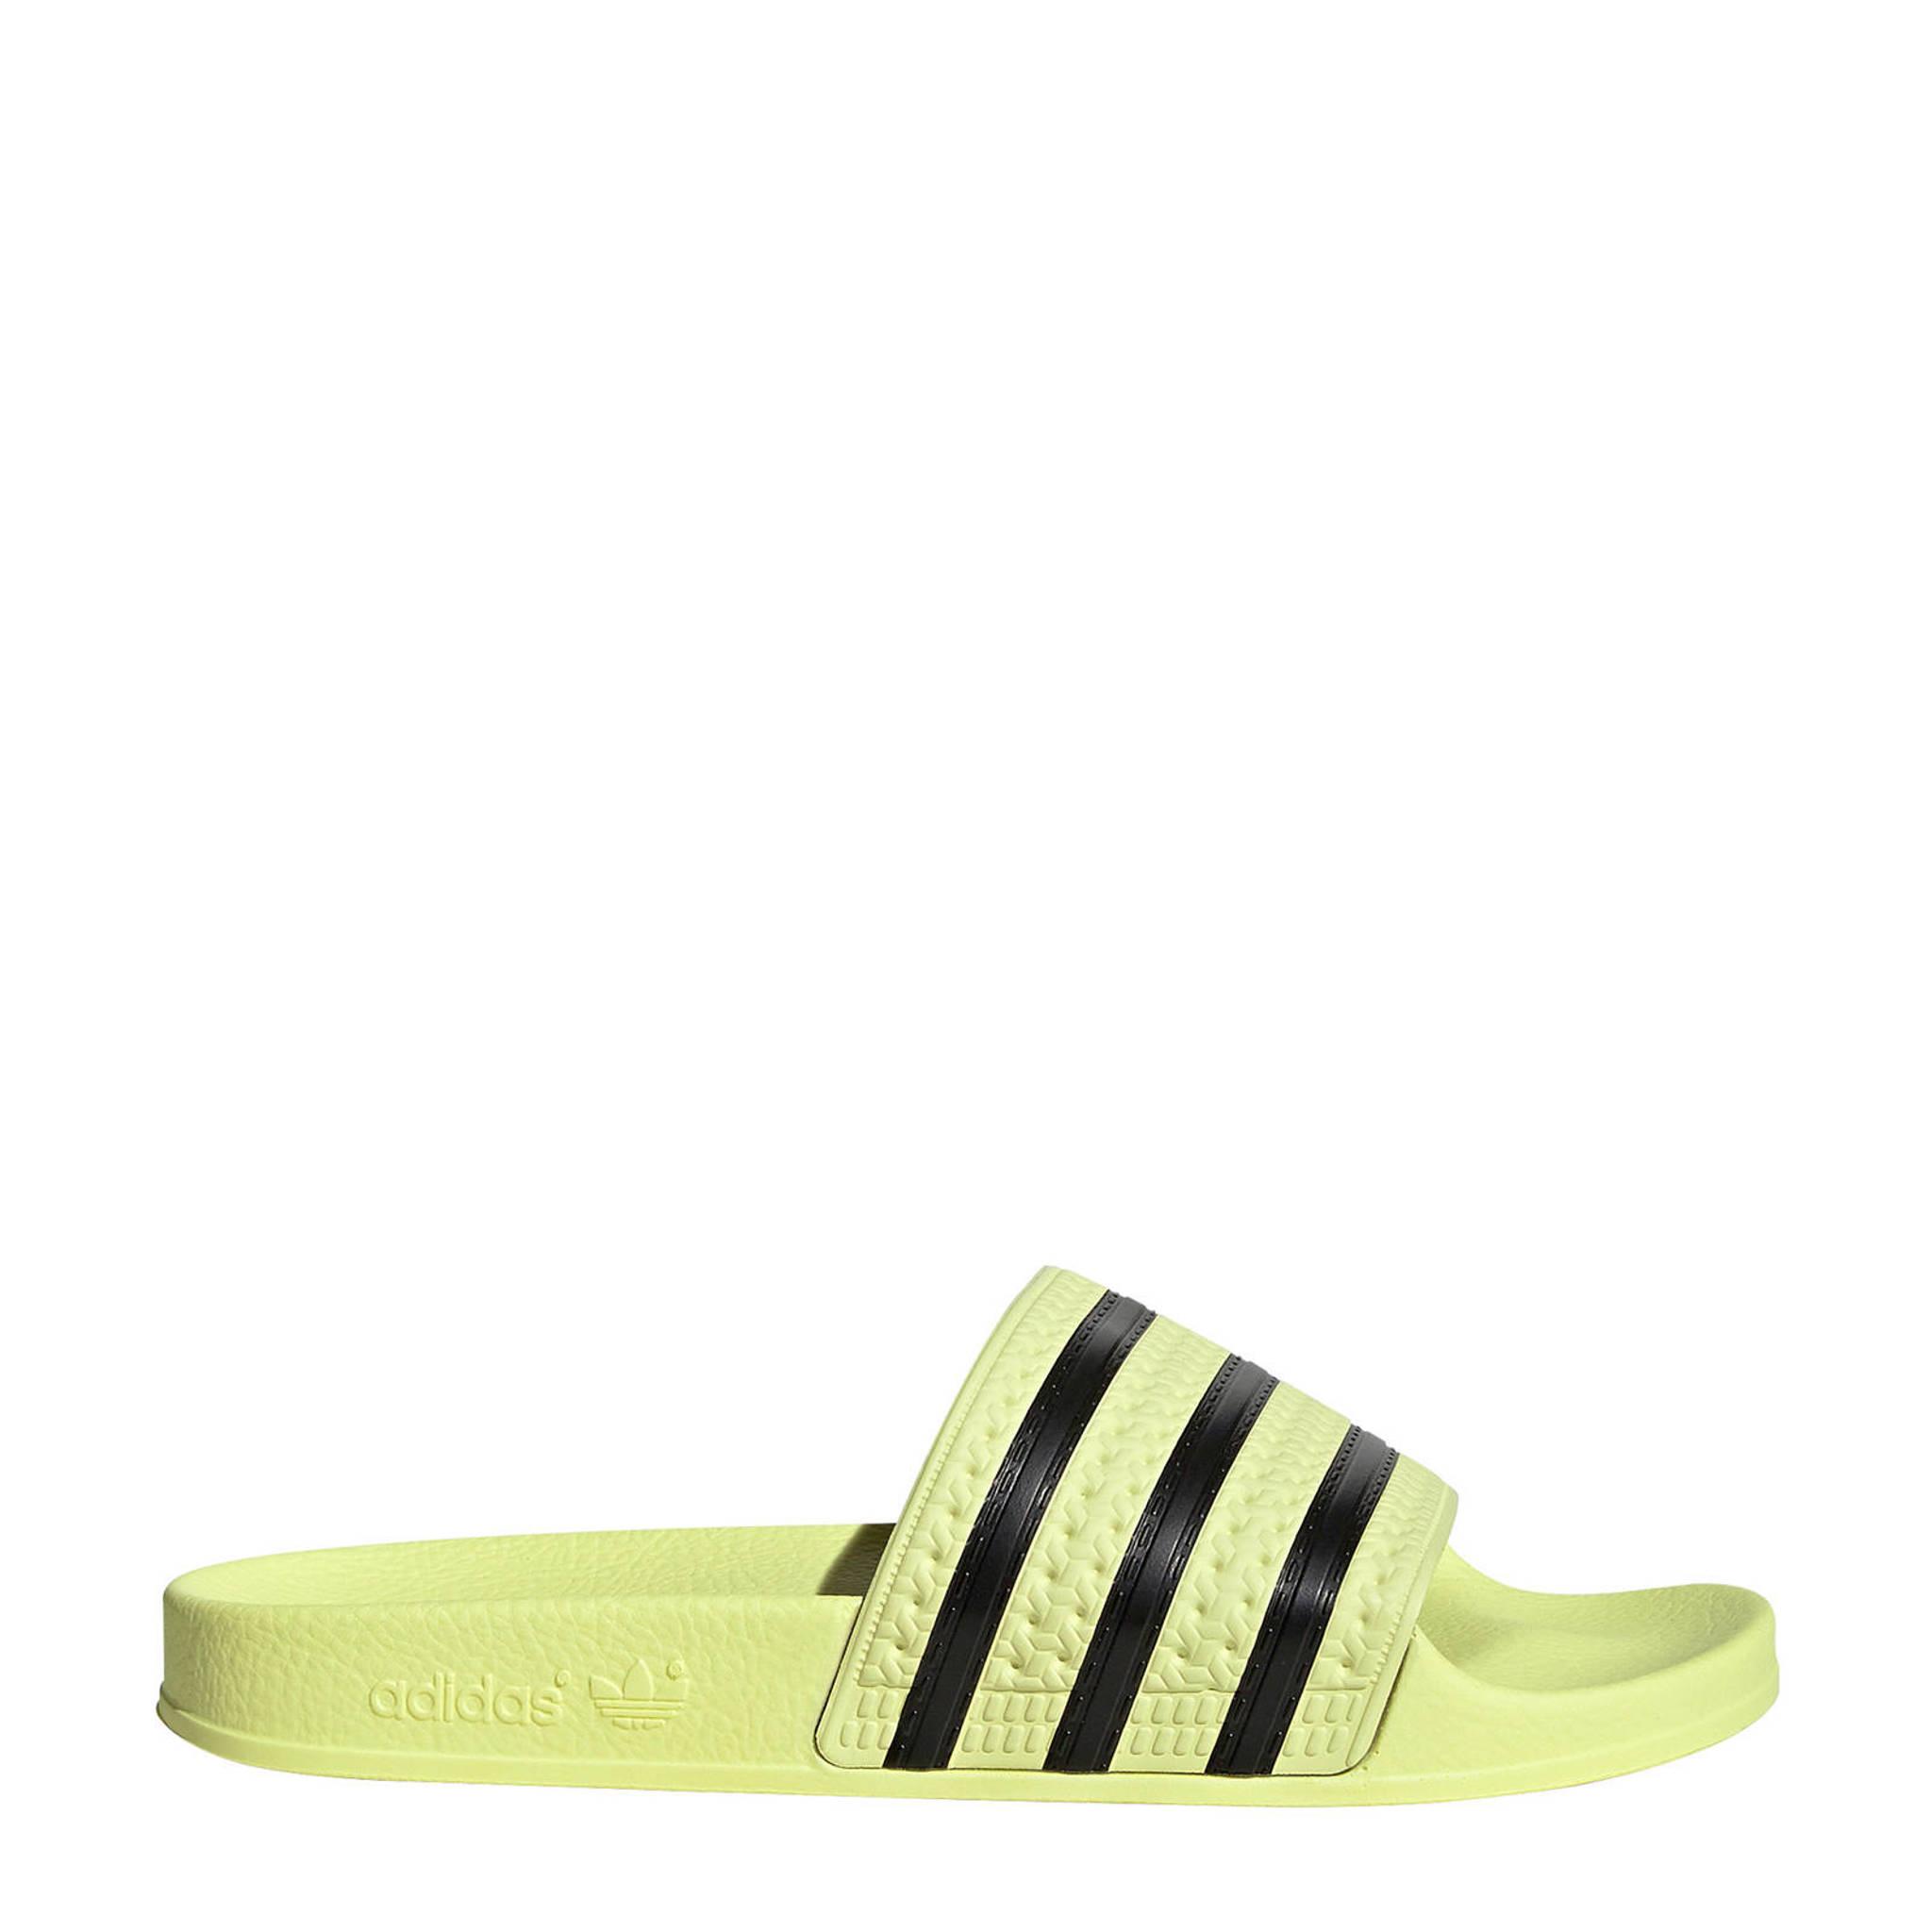 a30f8d23686 adidas originals adilette aqua badslippers geel/zwart | wehkamp